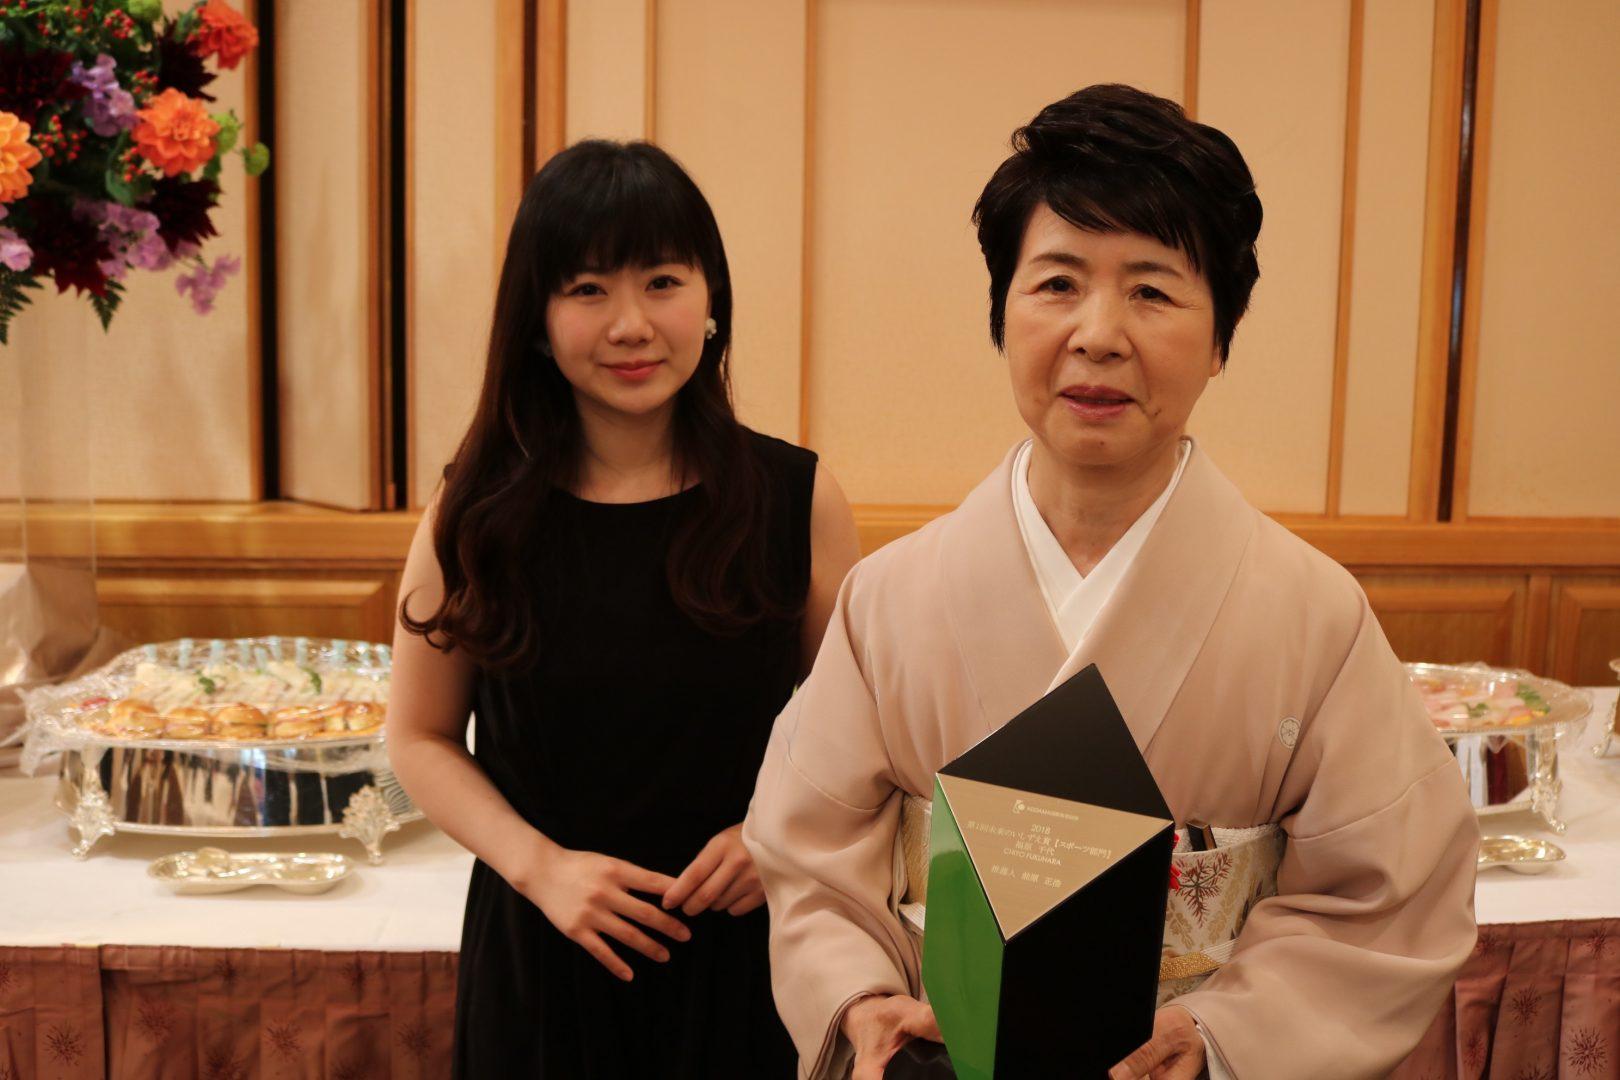 福原愛の母・千代さんが表彰  「今日の主役は母」